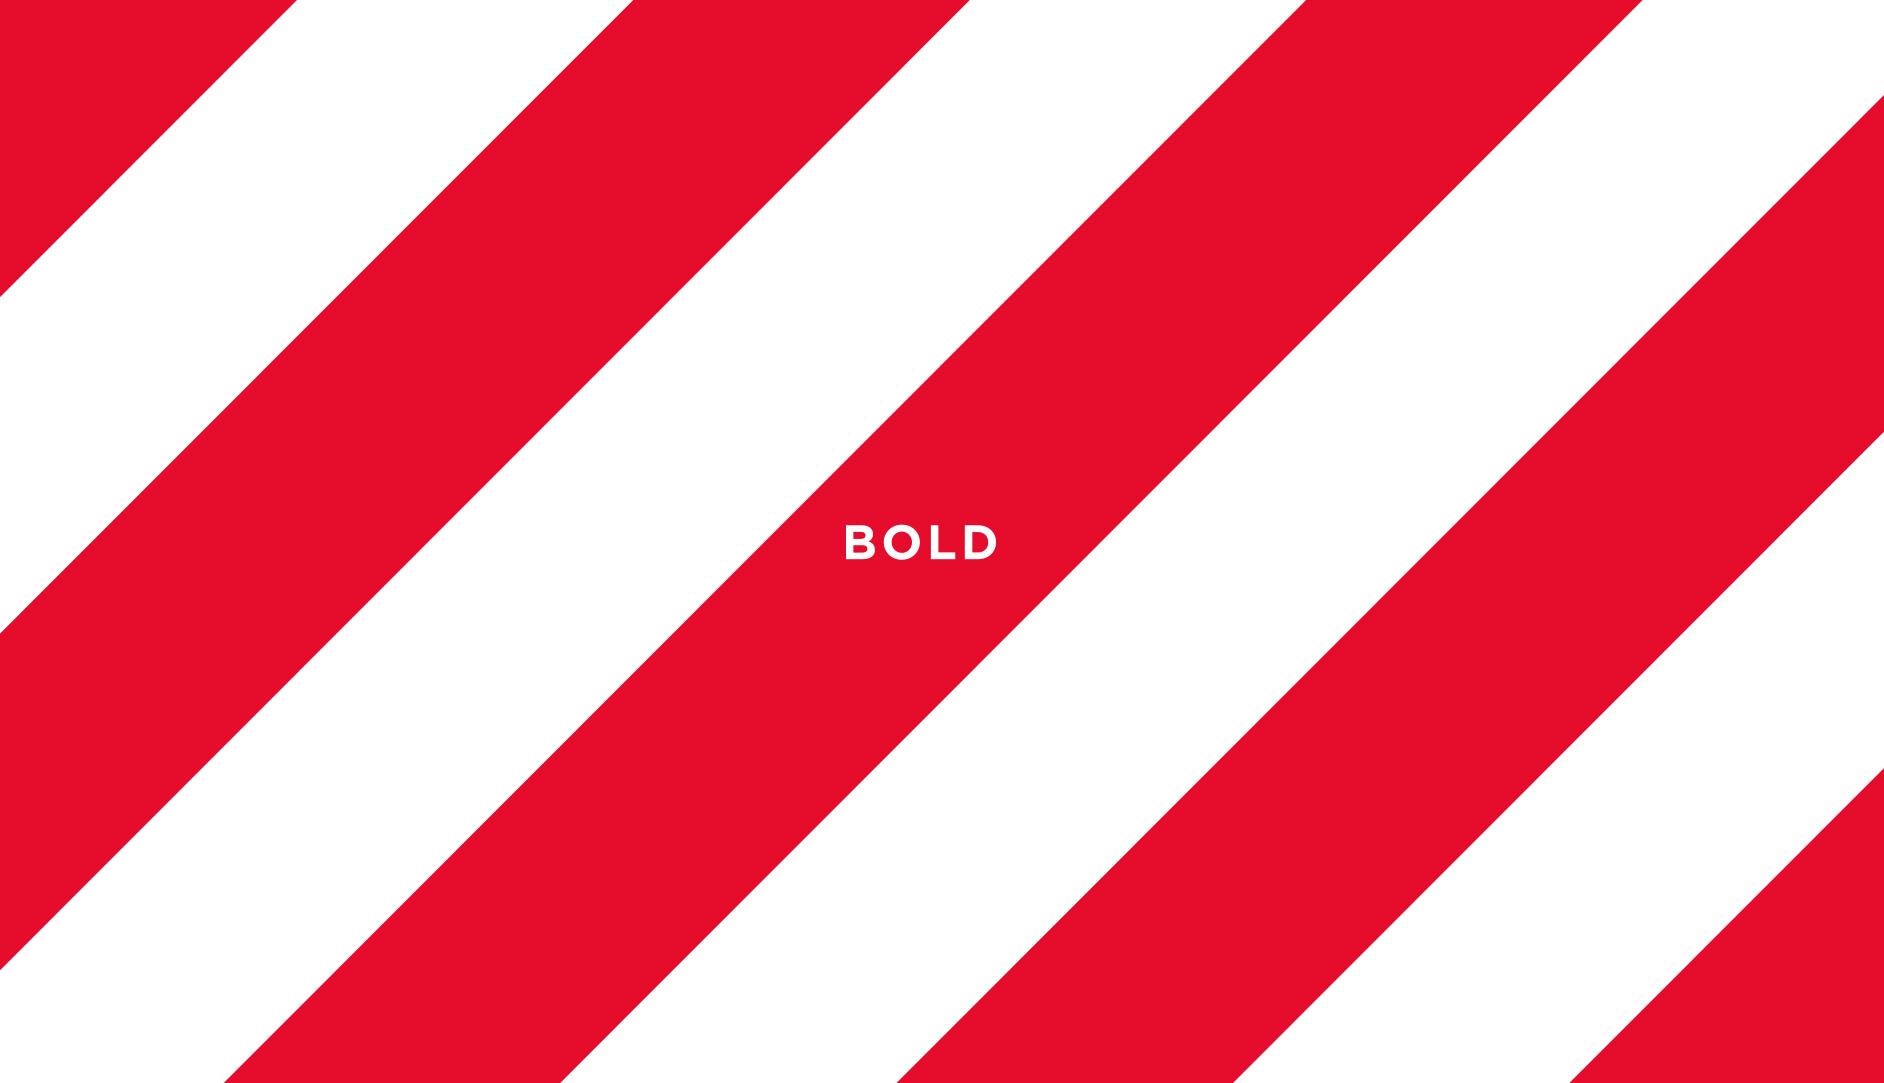 Fazer brand strategy - Bold